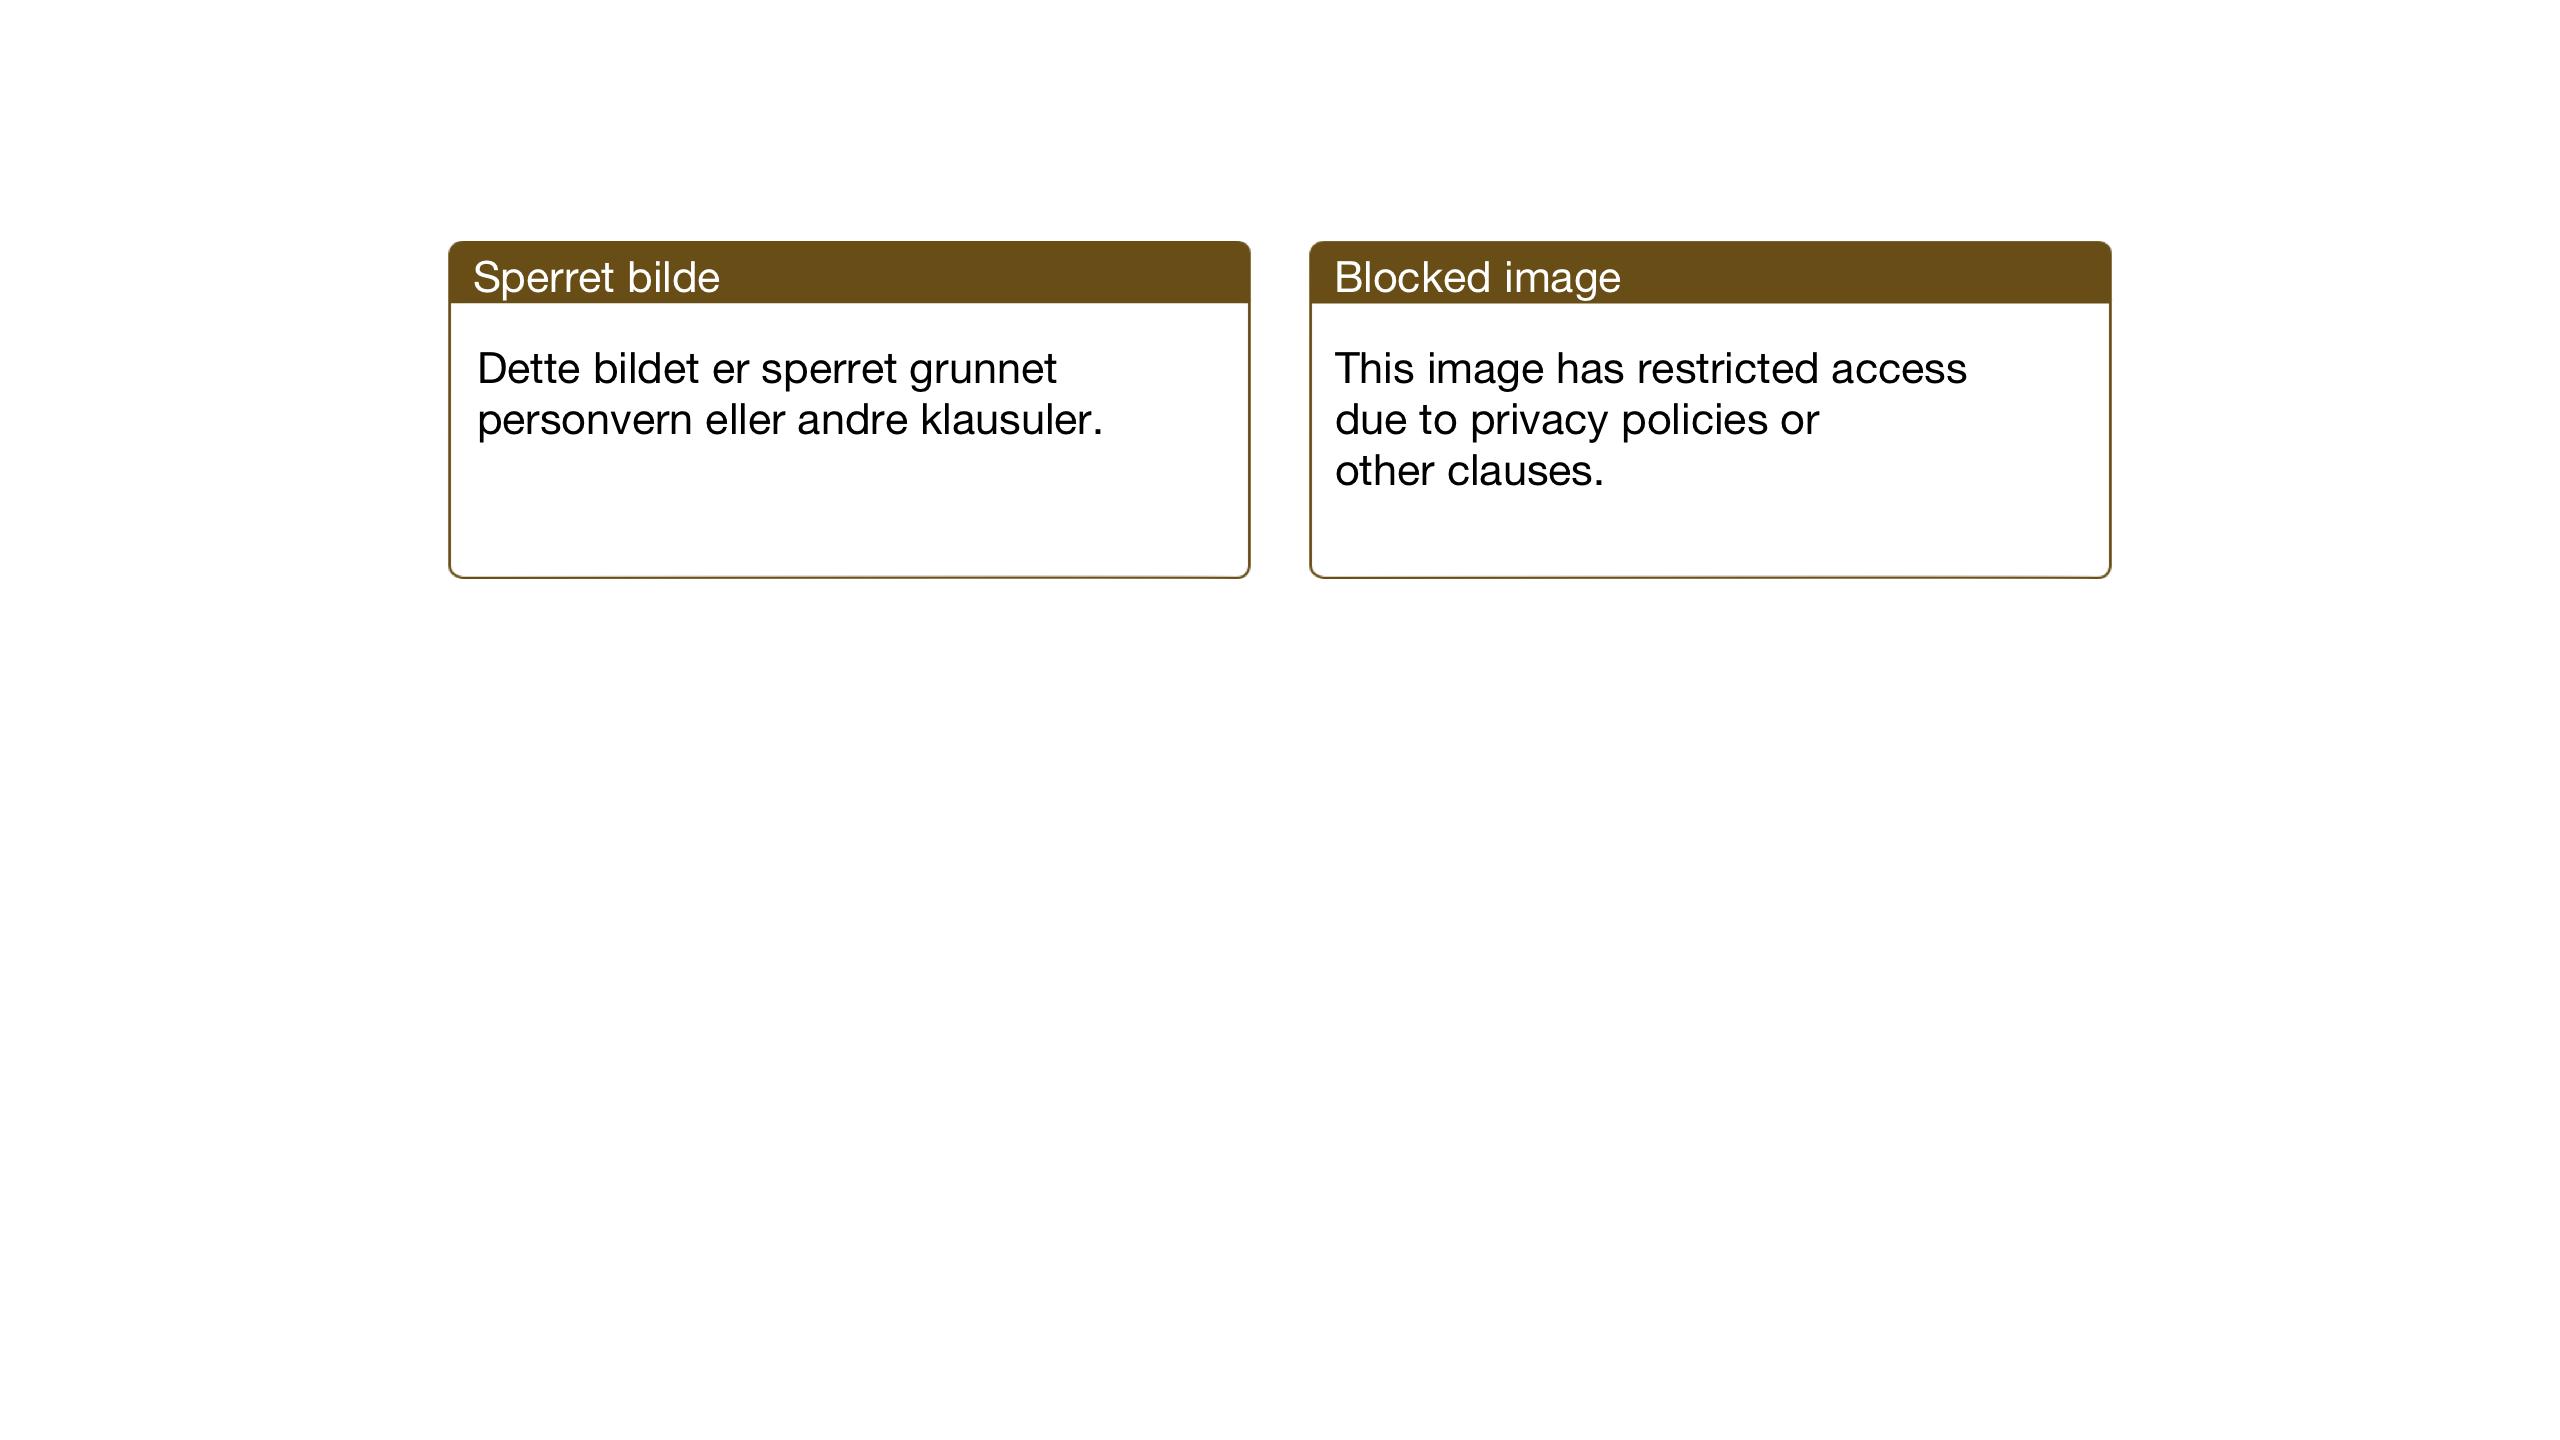 SAT, Ministerialprotokoller, klokkerbøker og fødselsregistre - Sør-Trøndelag, 607/L0328: Klokkerbok nr. 607C02, 1940-1948, s. 106